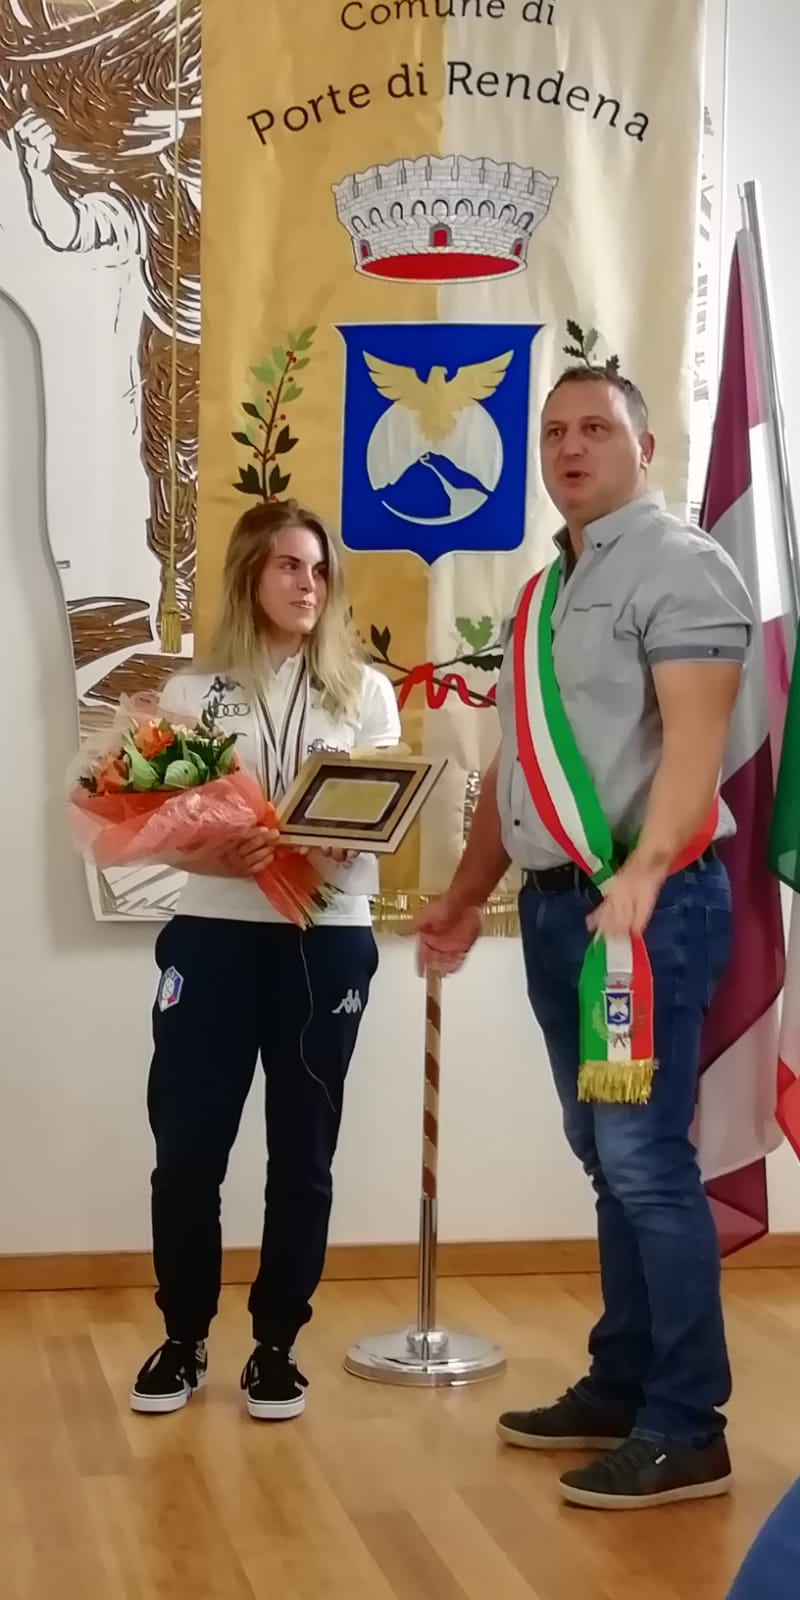 Oro e bronzo nello sci d'erba: Ambra Gasperi premiata anche in Comune